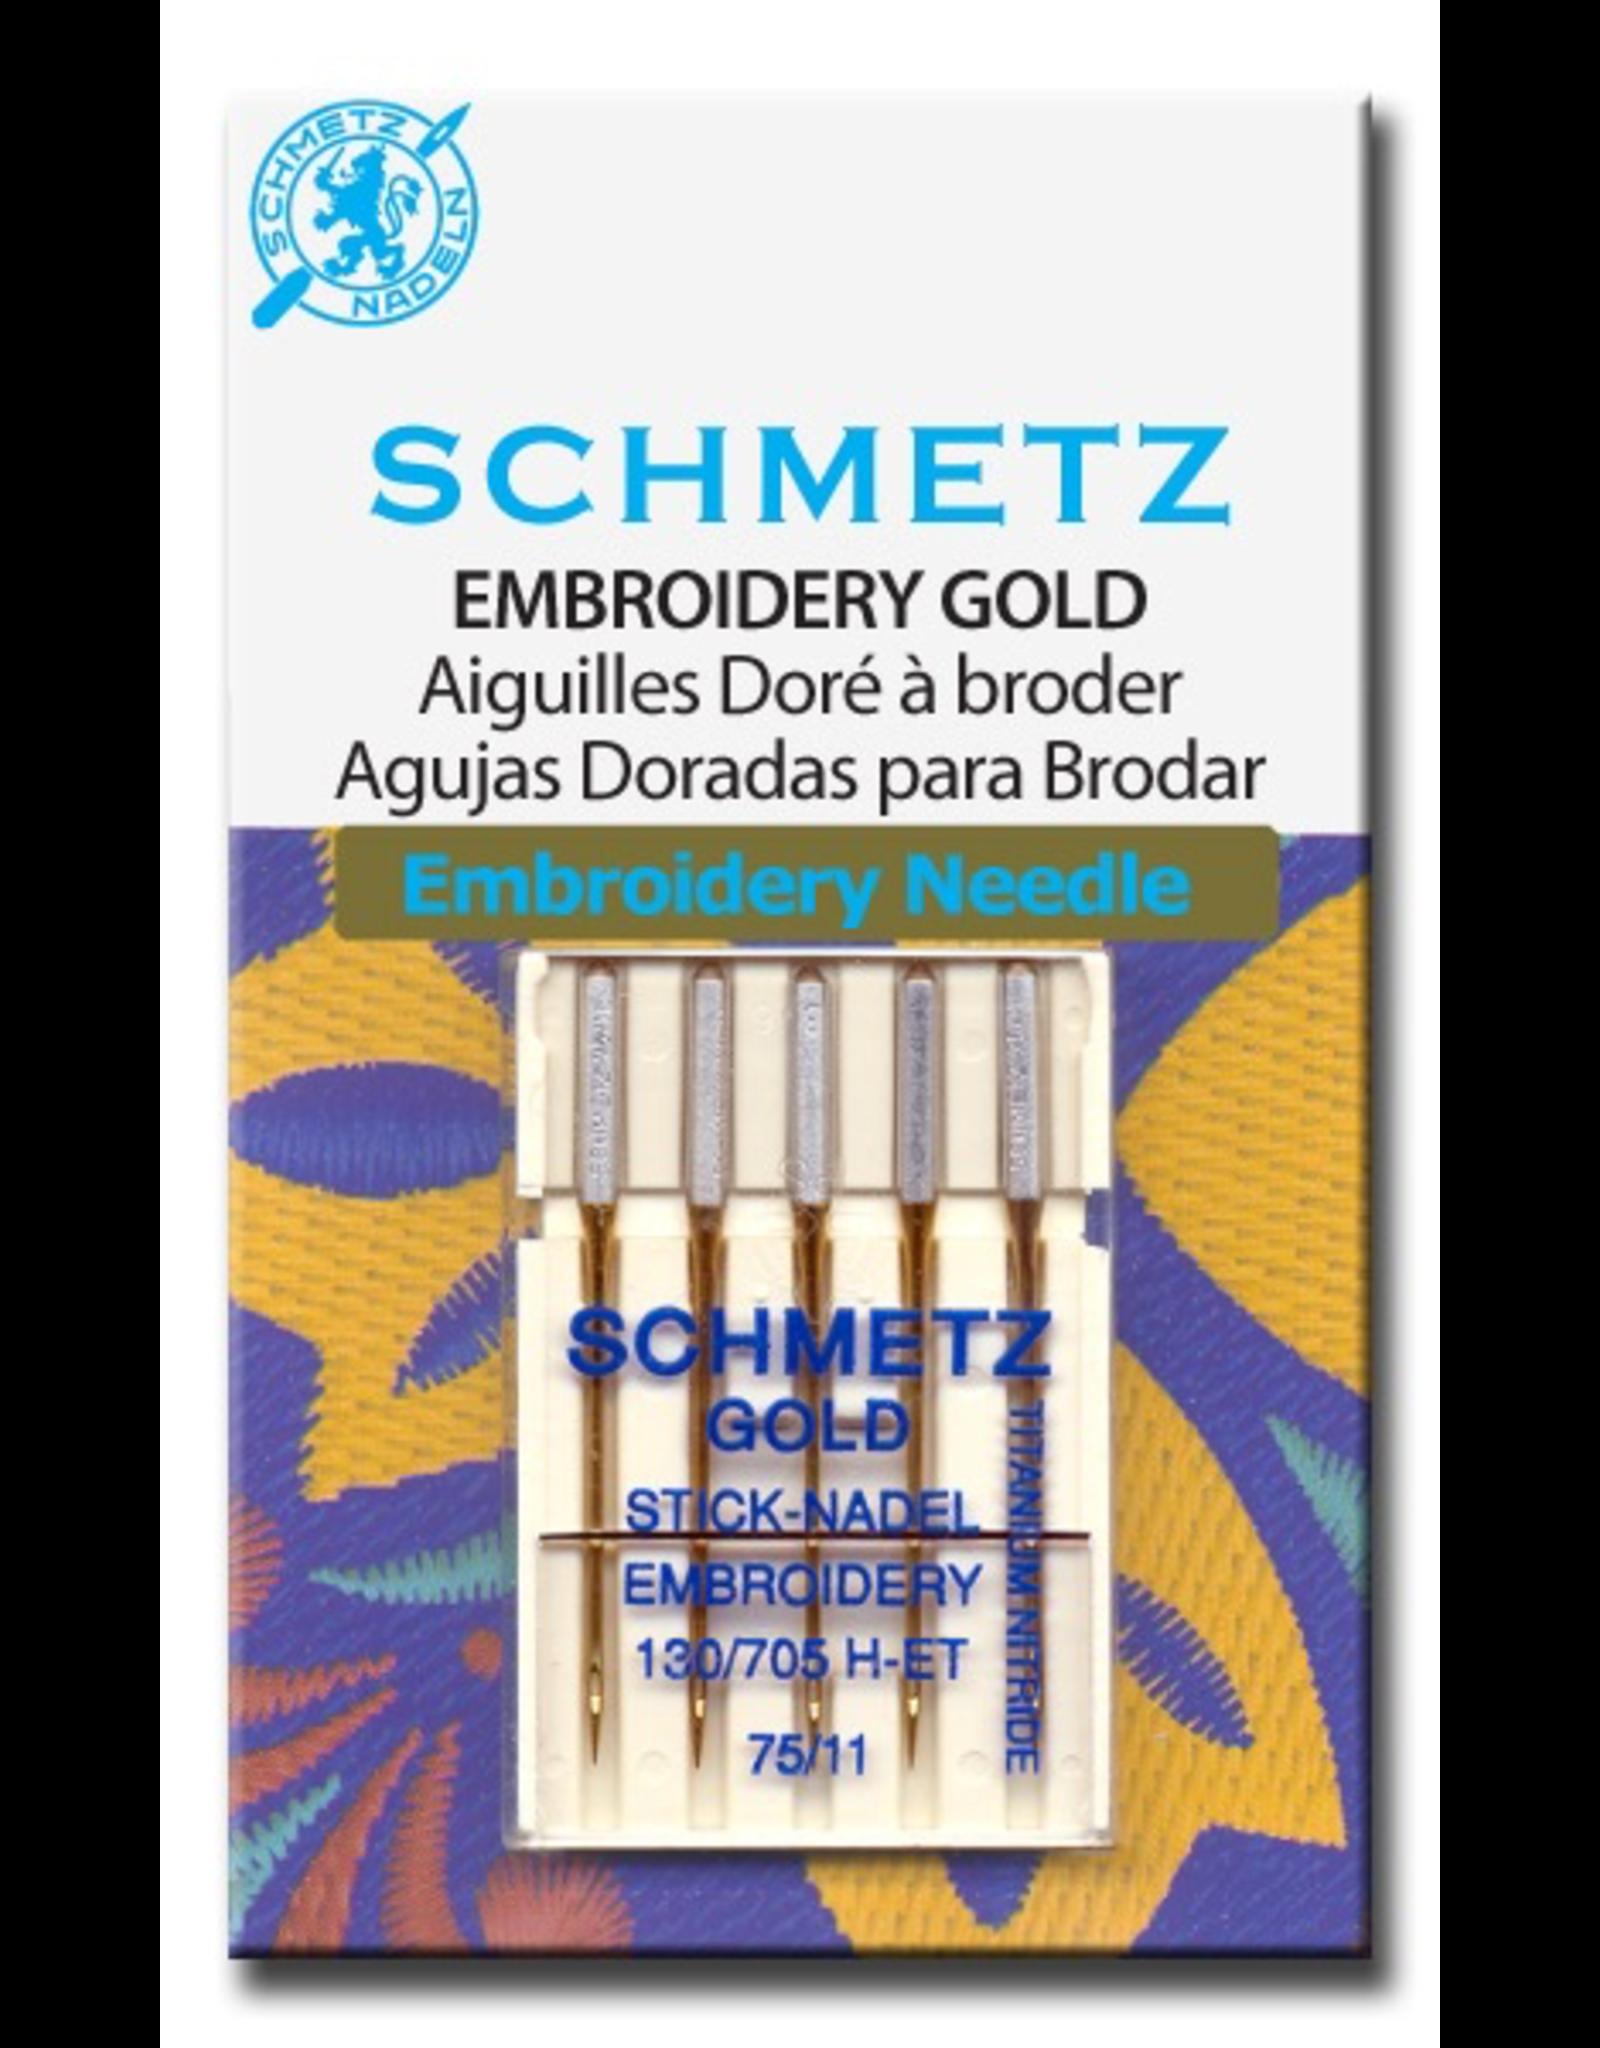 Schmetz Gold Titanium Embroidery Machine Needles Size 75/11